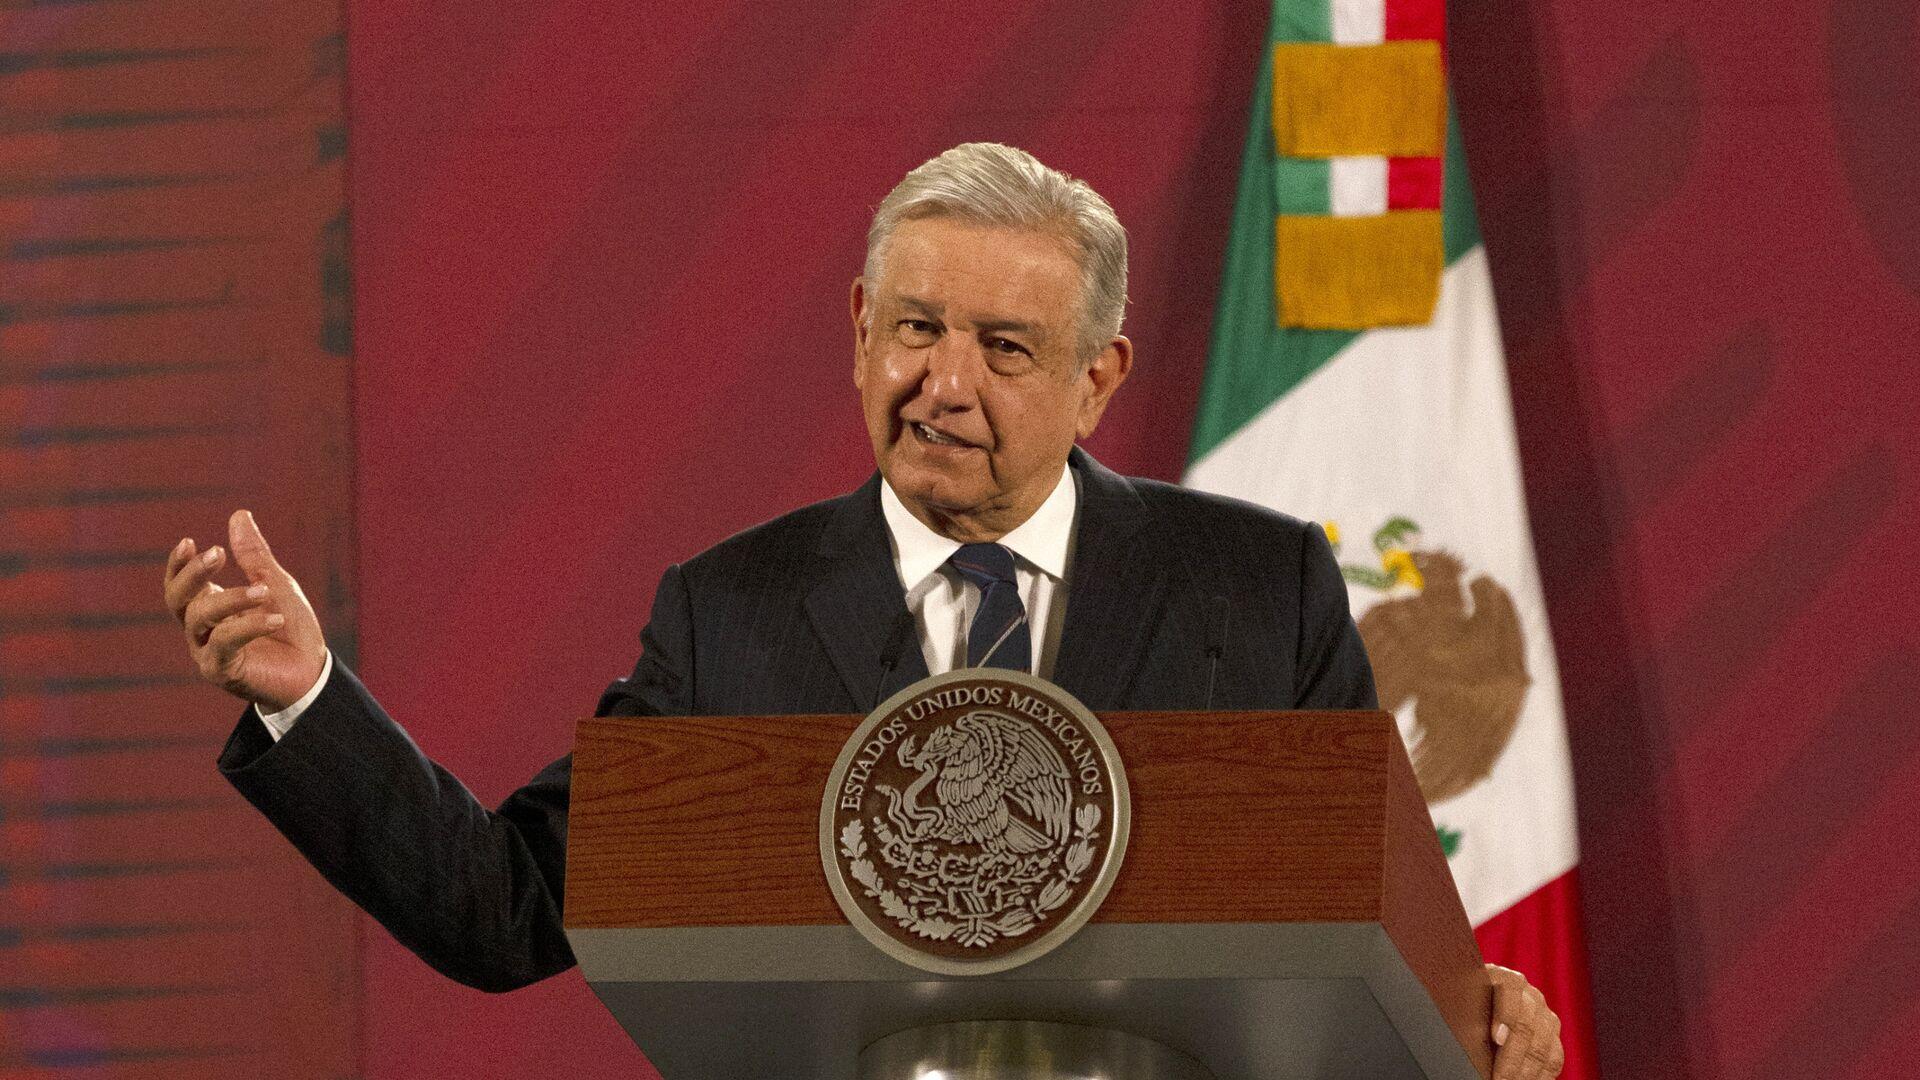 Andrés Manuel López Obrador, presidente de México - Sputnik Mundo, 1920, 28.11.2020